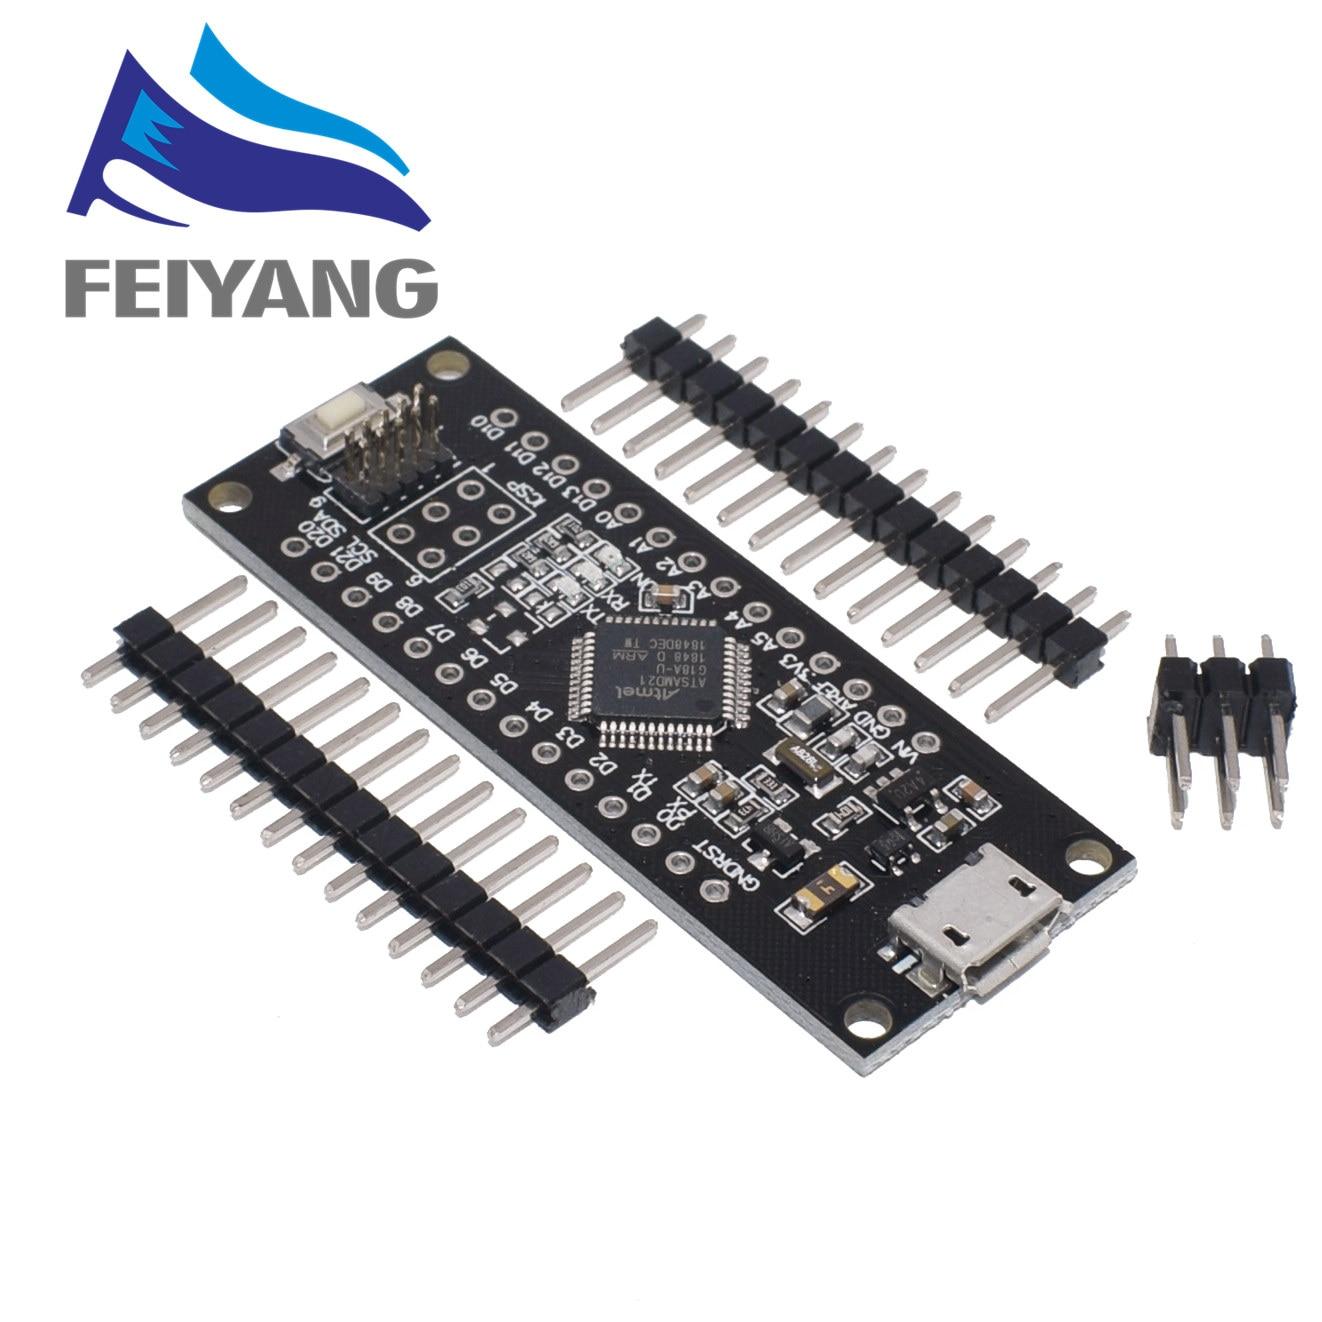 WeMos D1 SAMD21 M0 Mini USB ARM korteks M0 32-Bit uzatma Arduino sıfır UNO Diy elektronik modülü R3